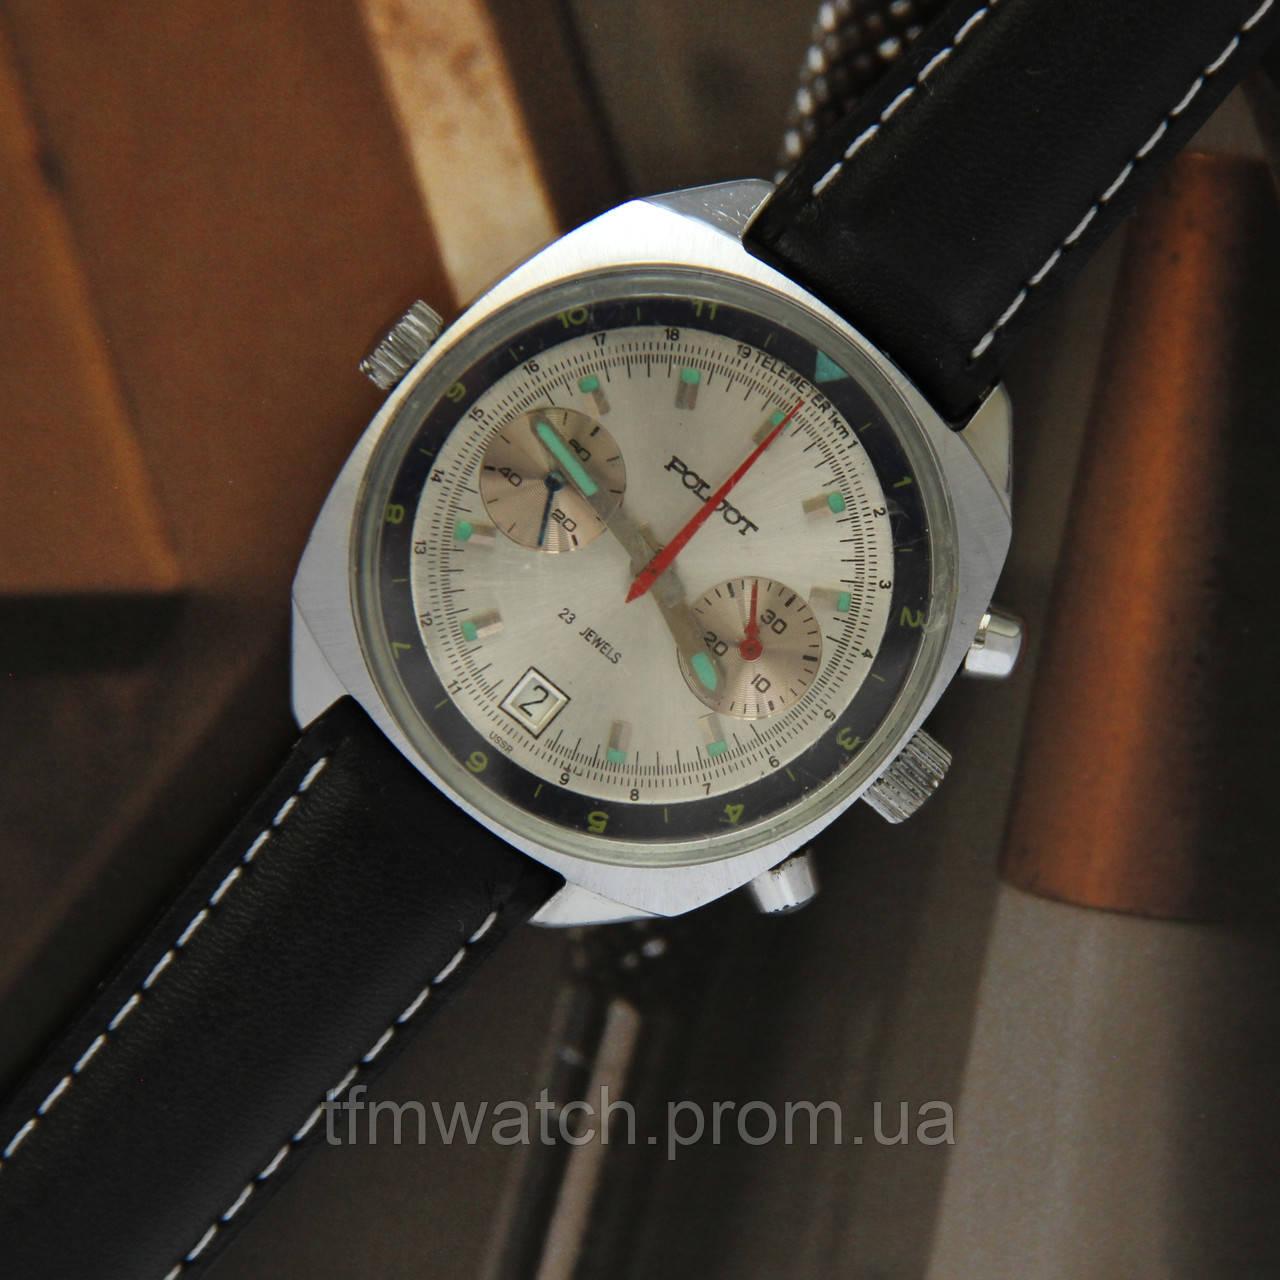 Хронограф продать часы полет ремонта стоимость часы победа